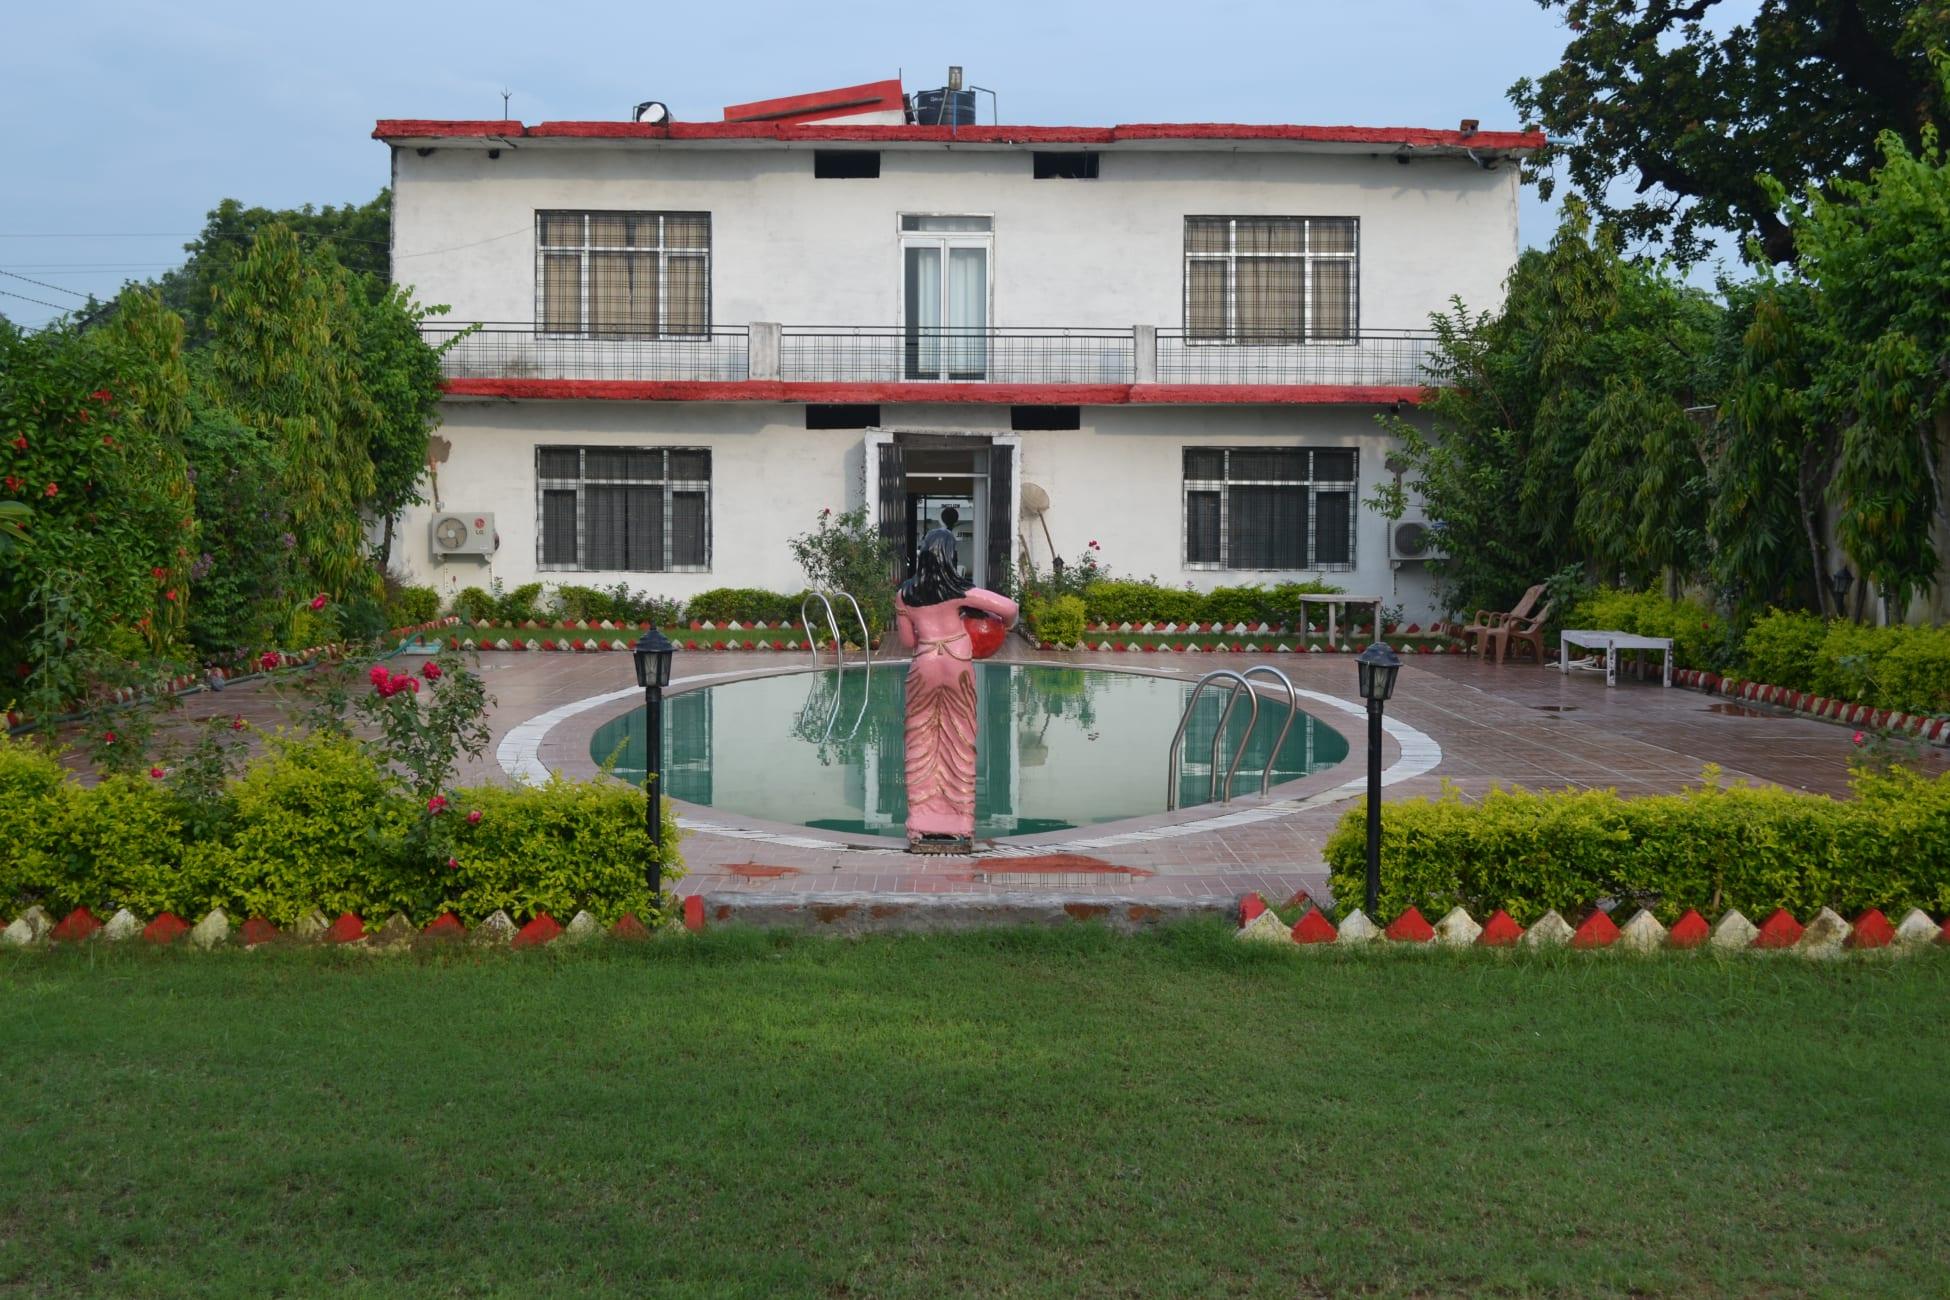 Hotel Nirvana Khajuraho Trivago In